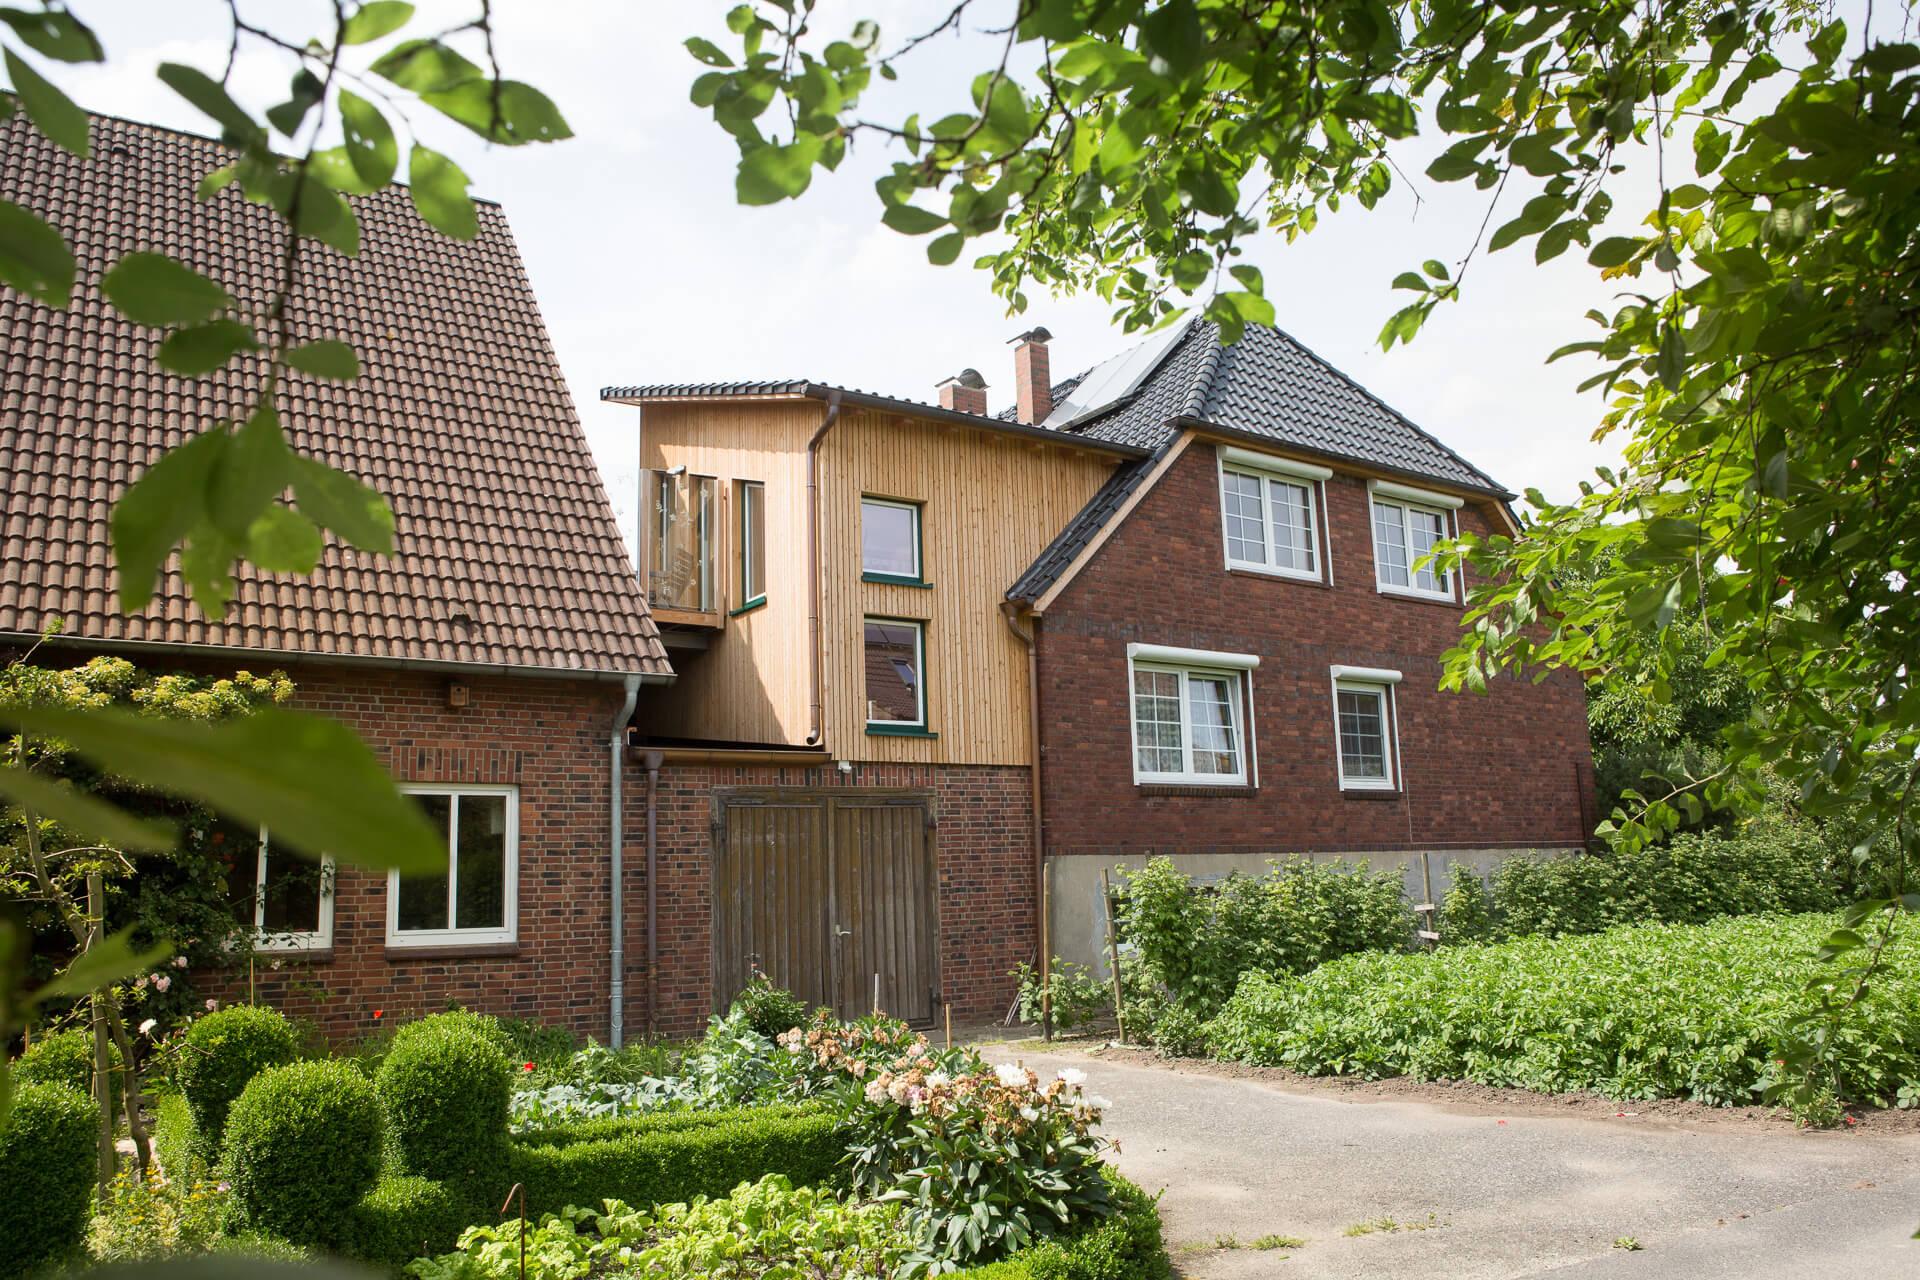 Foto Ryan Baugestaltung Anbau Francop aussenansicht saniertes Zweifamilienhaus mit Anbau